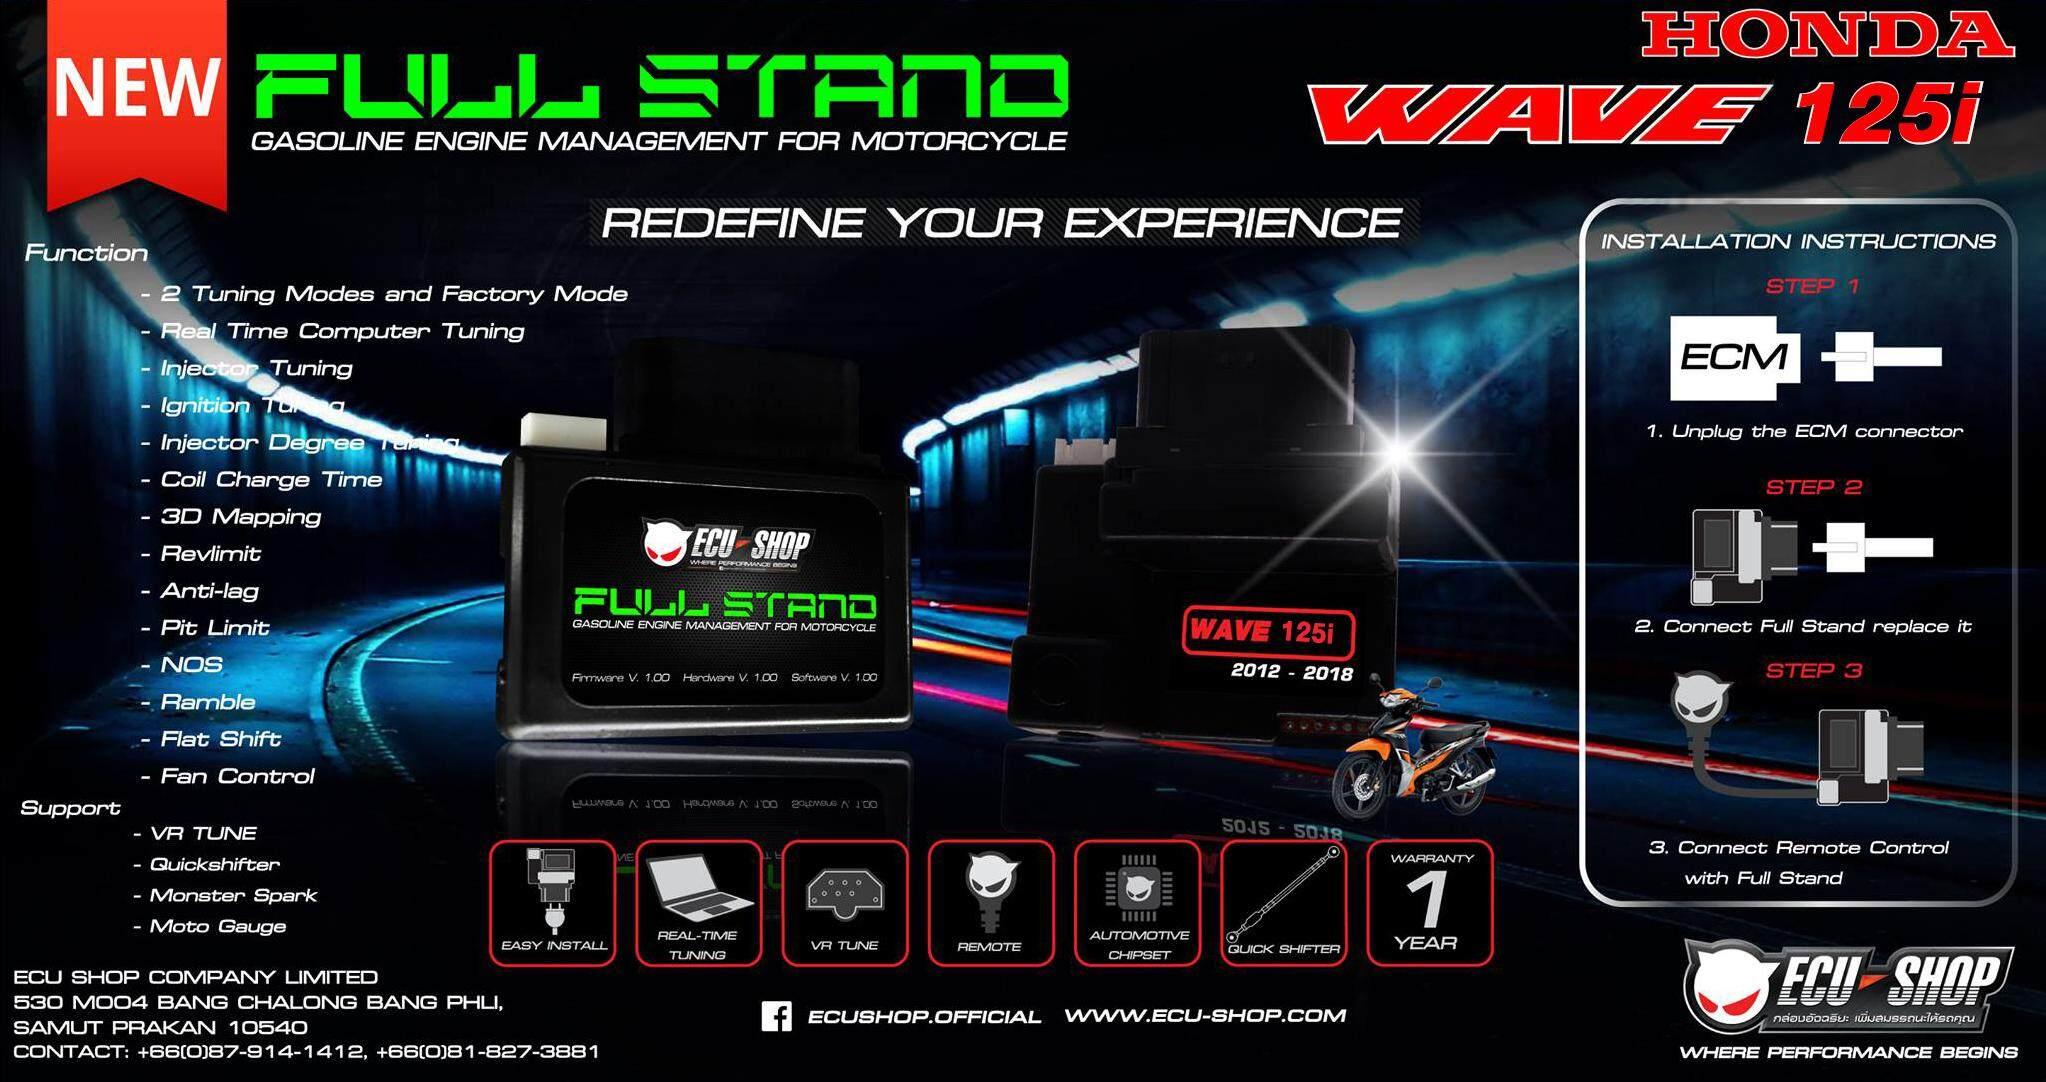 กล่องไฟ Stand alone FULL STAND รุ่น Honda Wave 125i  (กล่องจูนสำหรับมอเตอร์ไซค์ ตรงรุ่น ใส่ปุ๊บ แรงปั๊บ)